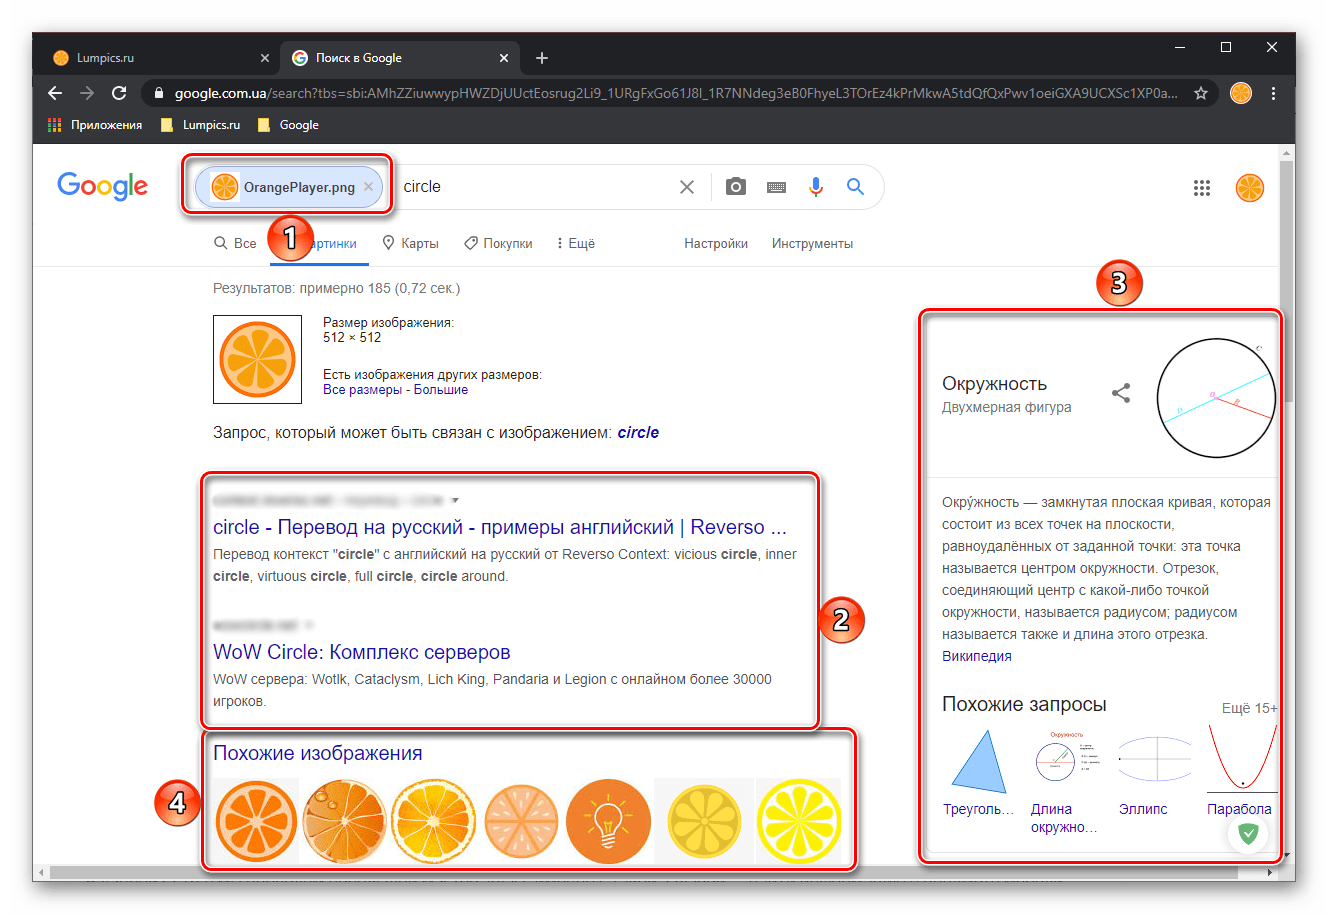 Результат поиска по картинке в поисковой системе Google